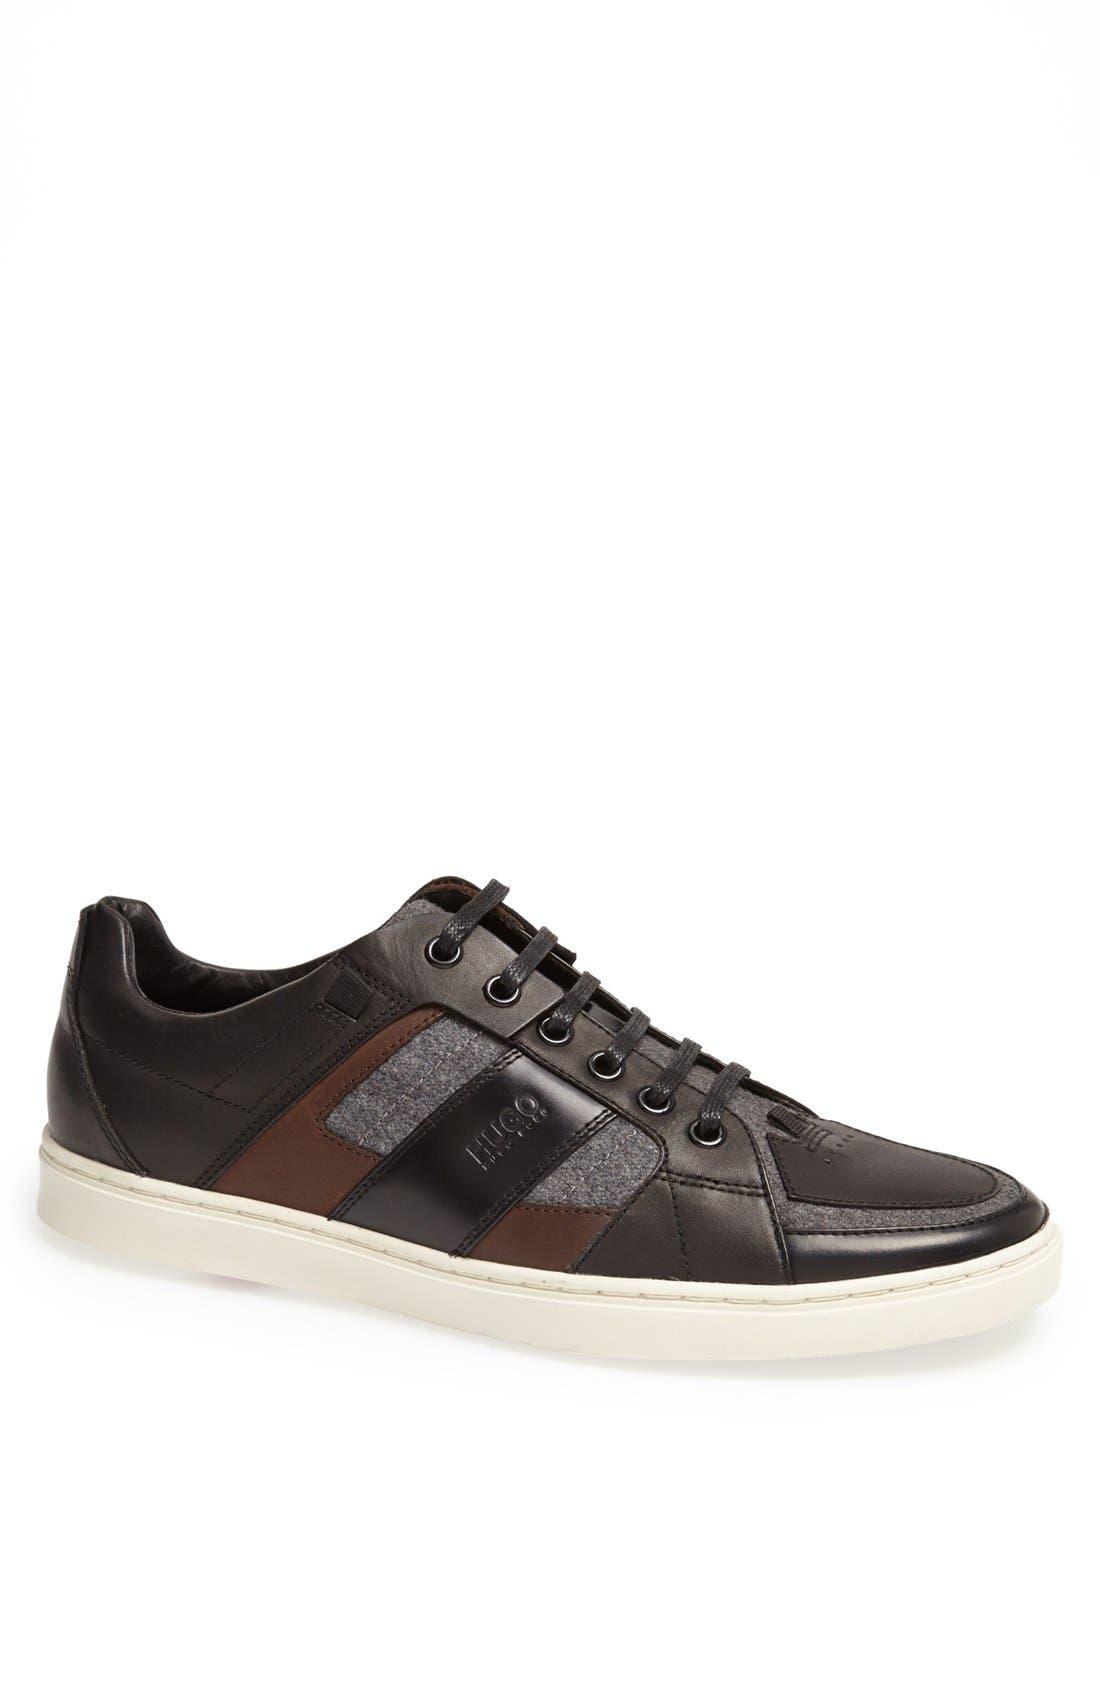 Alternate Image 1 Selected - HUGO 'Raisto' Sneaker